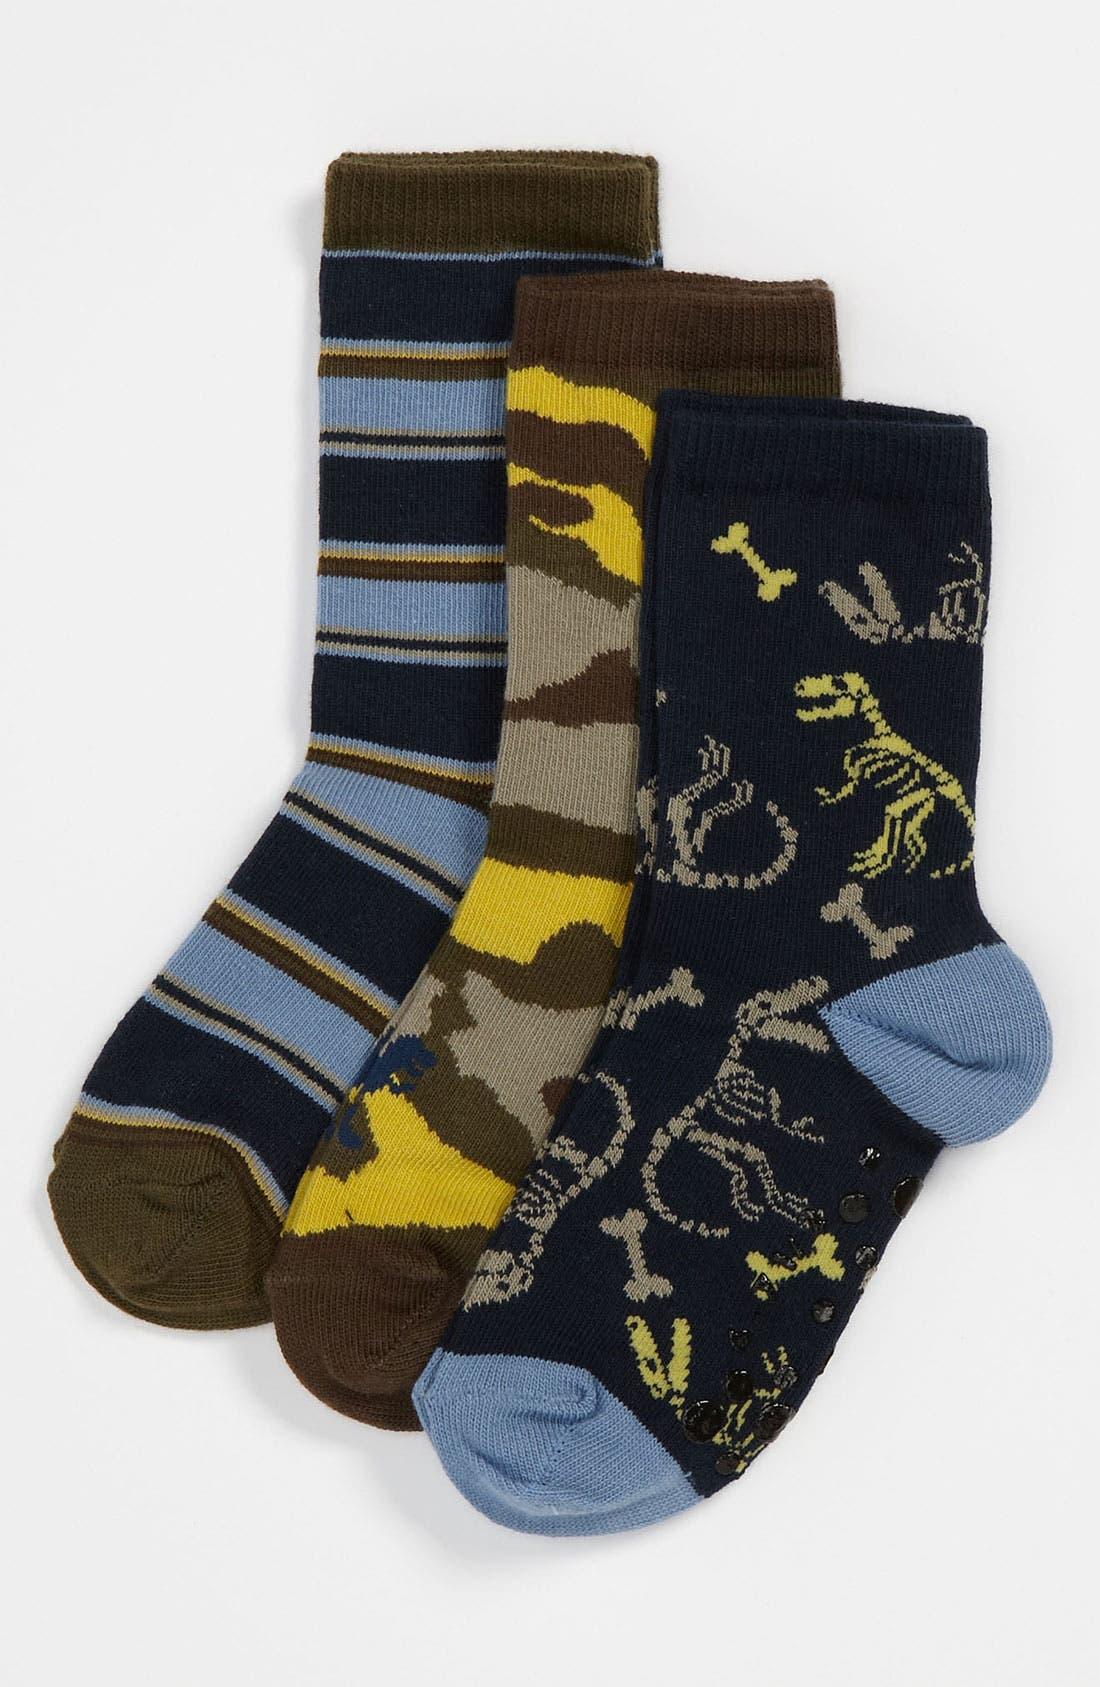 Main Image - Nordstrom 'Fossil' Crew Socks (3-Pack) (Walker, Toddler & Little Kid)